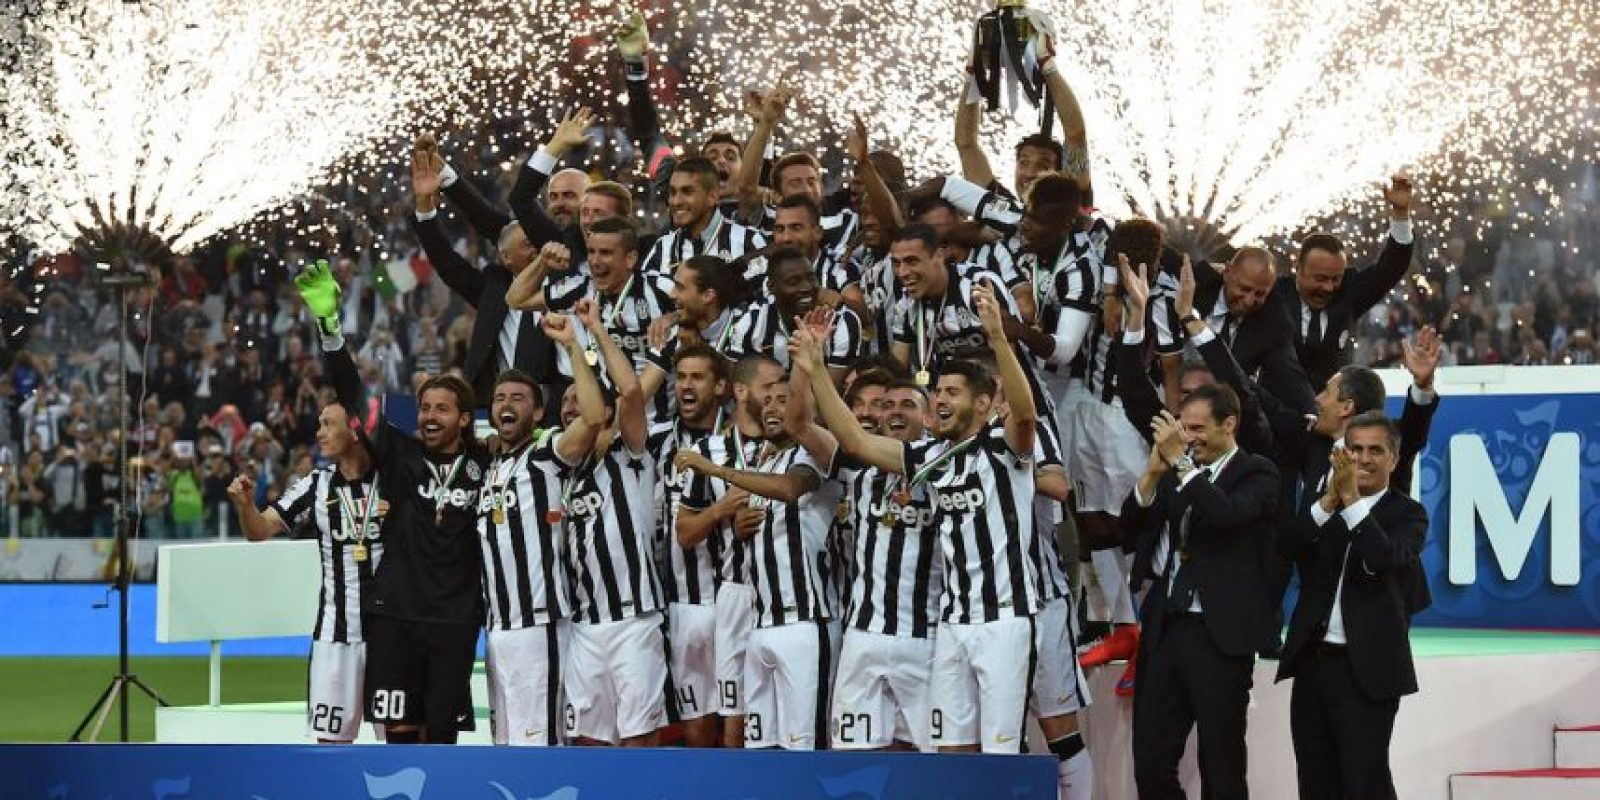 Lograron su boleto al coronarse campeones de la Serie A 2014-2015. Foto:Getty Images